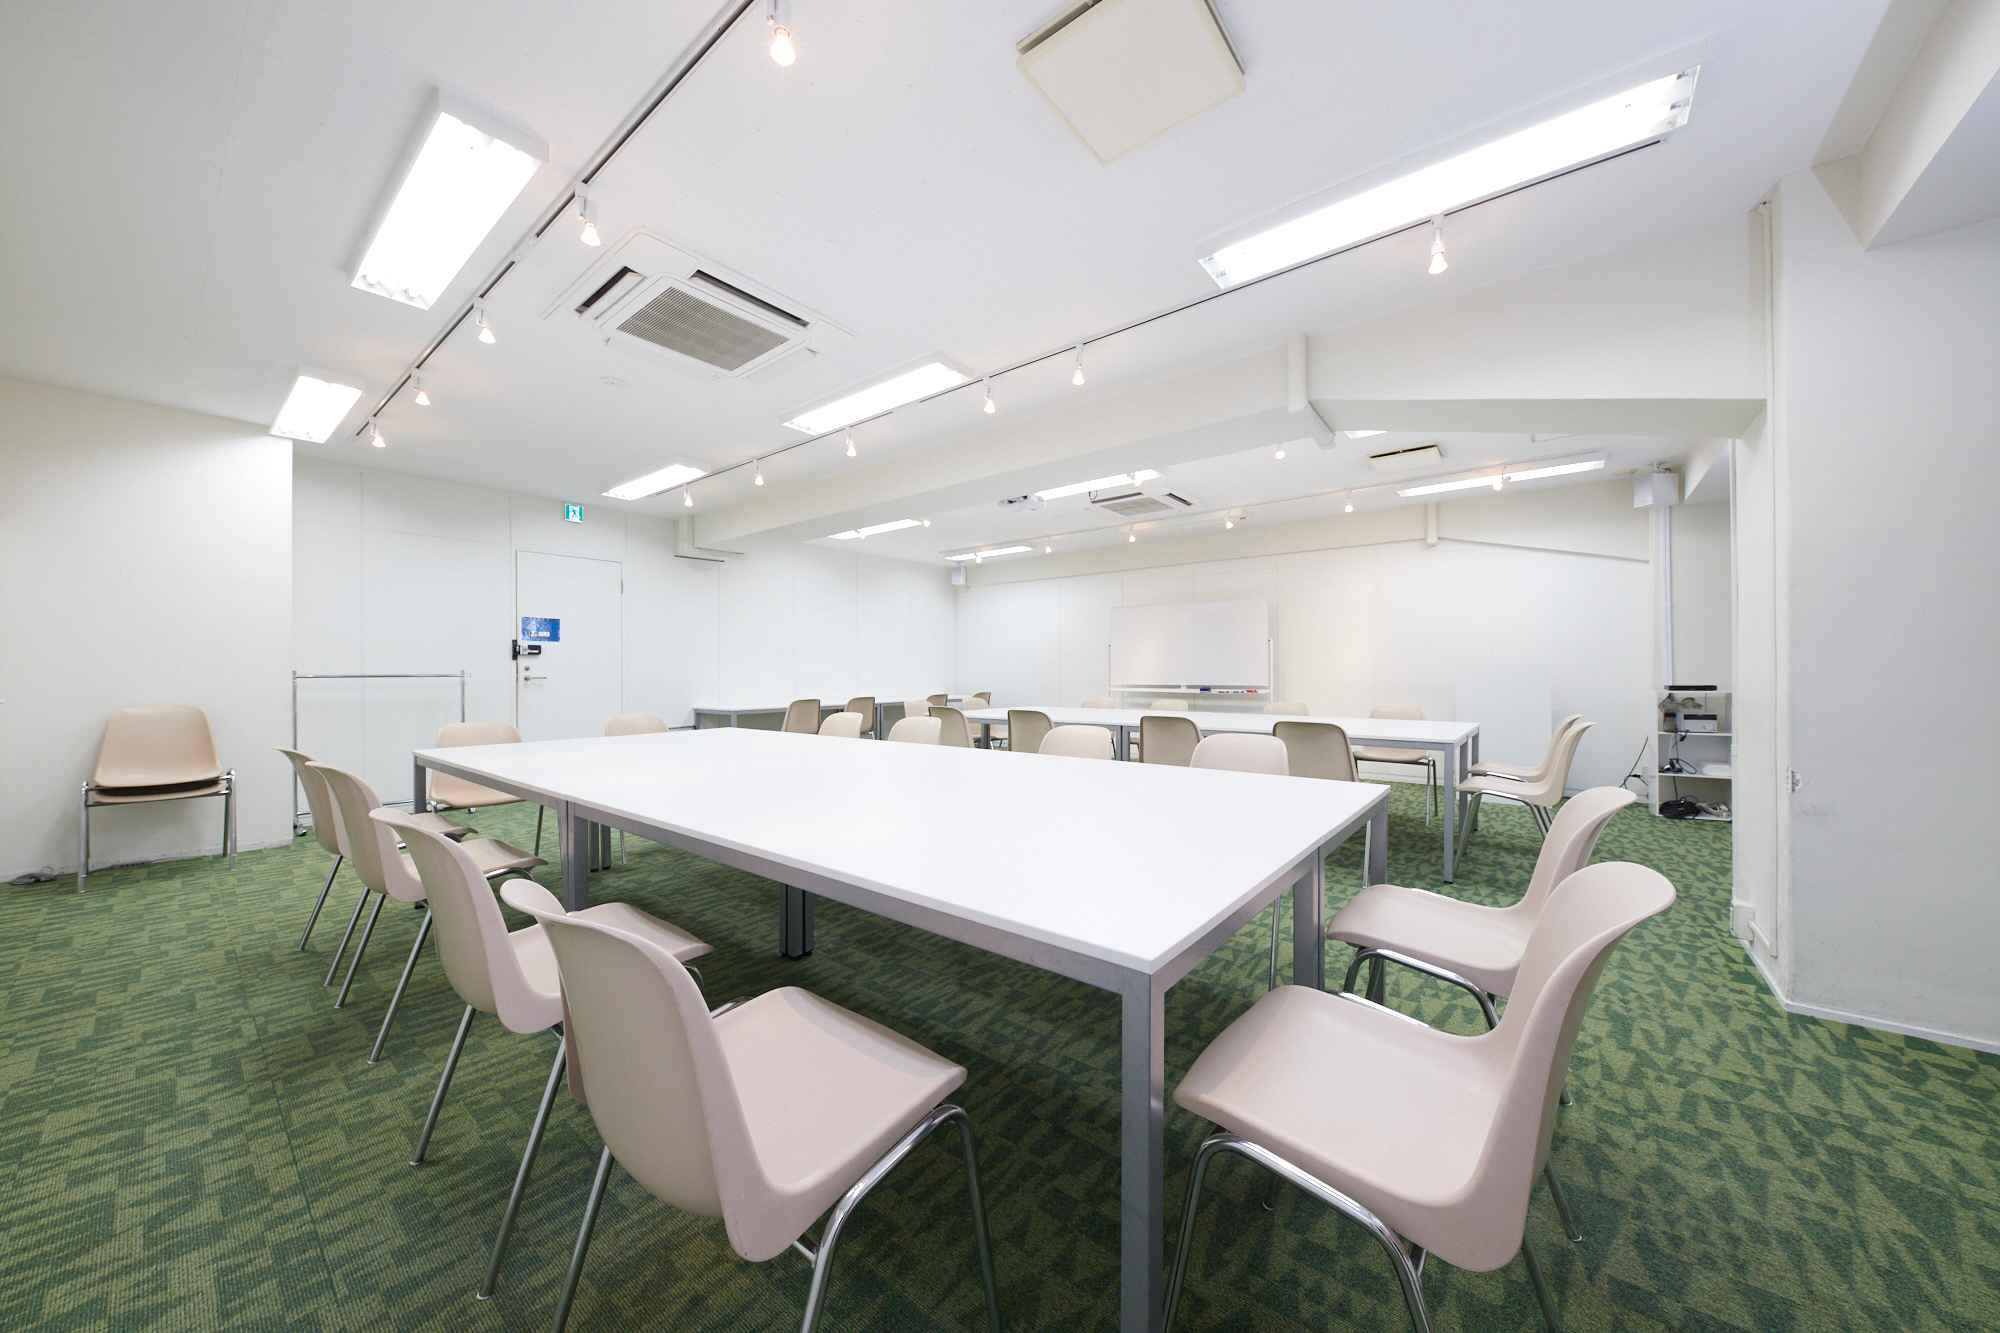 コストパフォーマンス◎みんなの会議室渋谷宮益坂3Aを取材しました!|TIME SHARING|タイムシェアリング |スペースマネジメント|あどばる|adval|SHARING